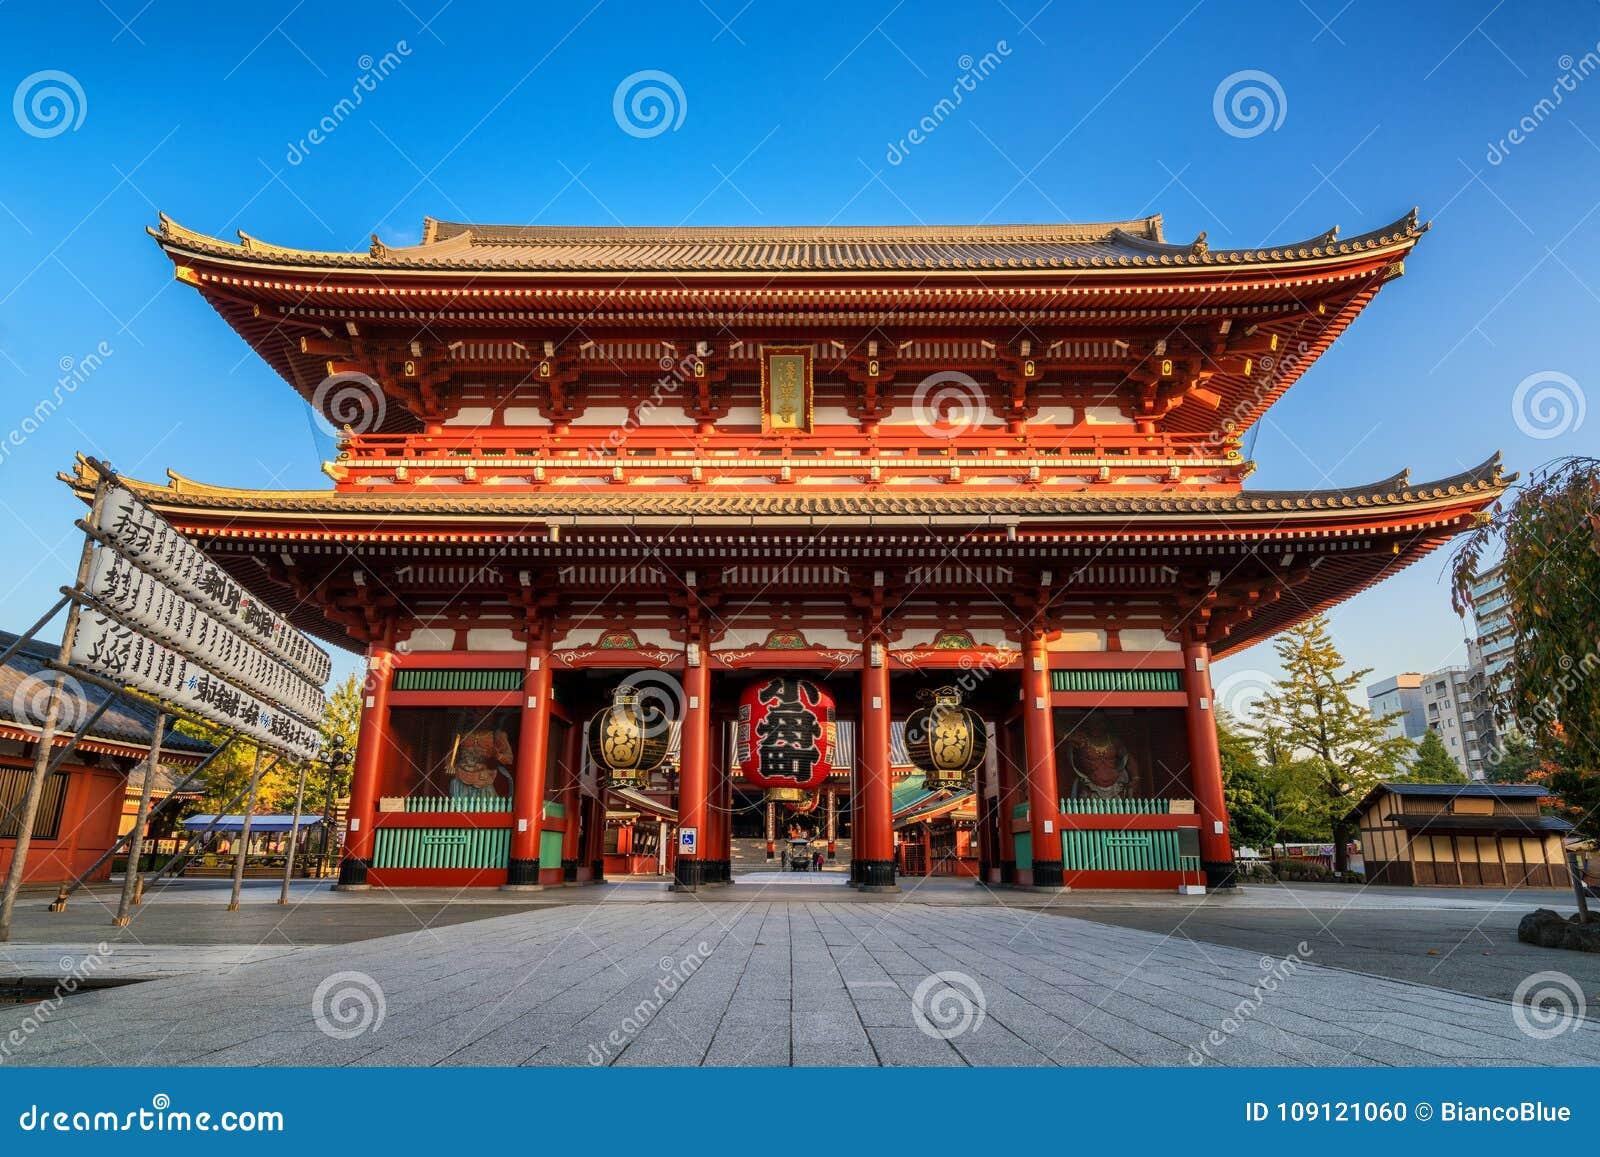 Ναός Sensoji-sensoji-ji σε Asakusa, Τόκιο, Ιαπωνία